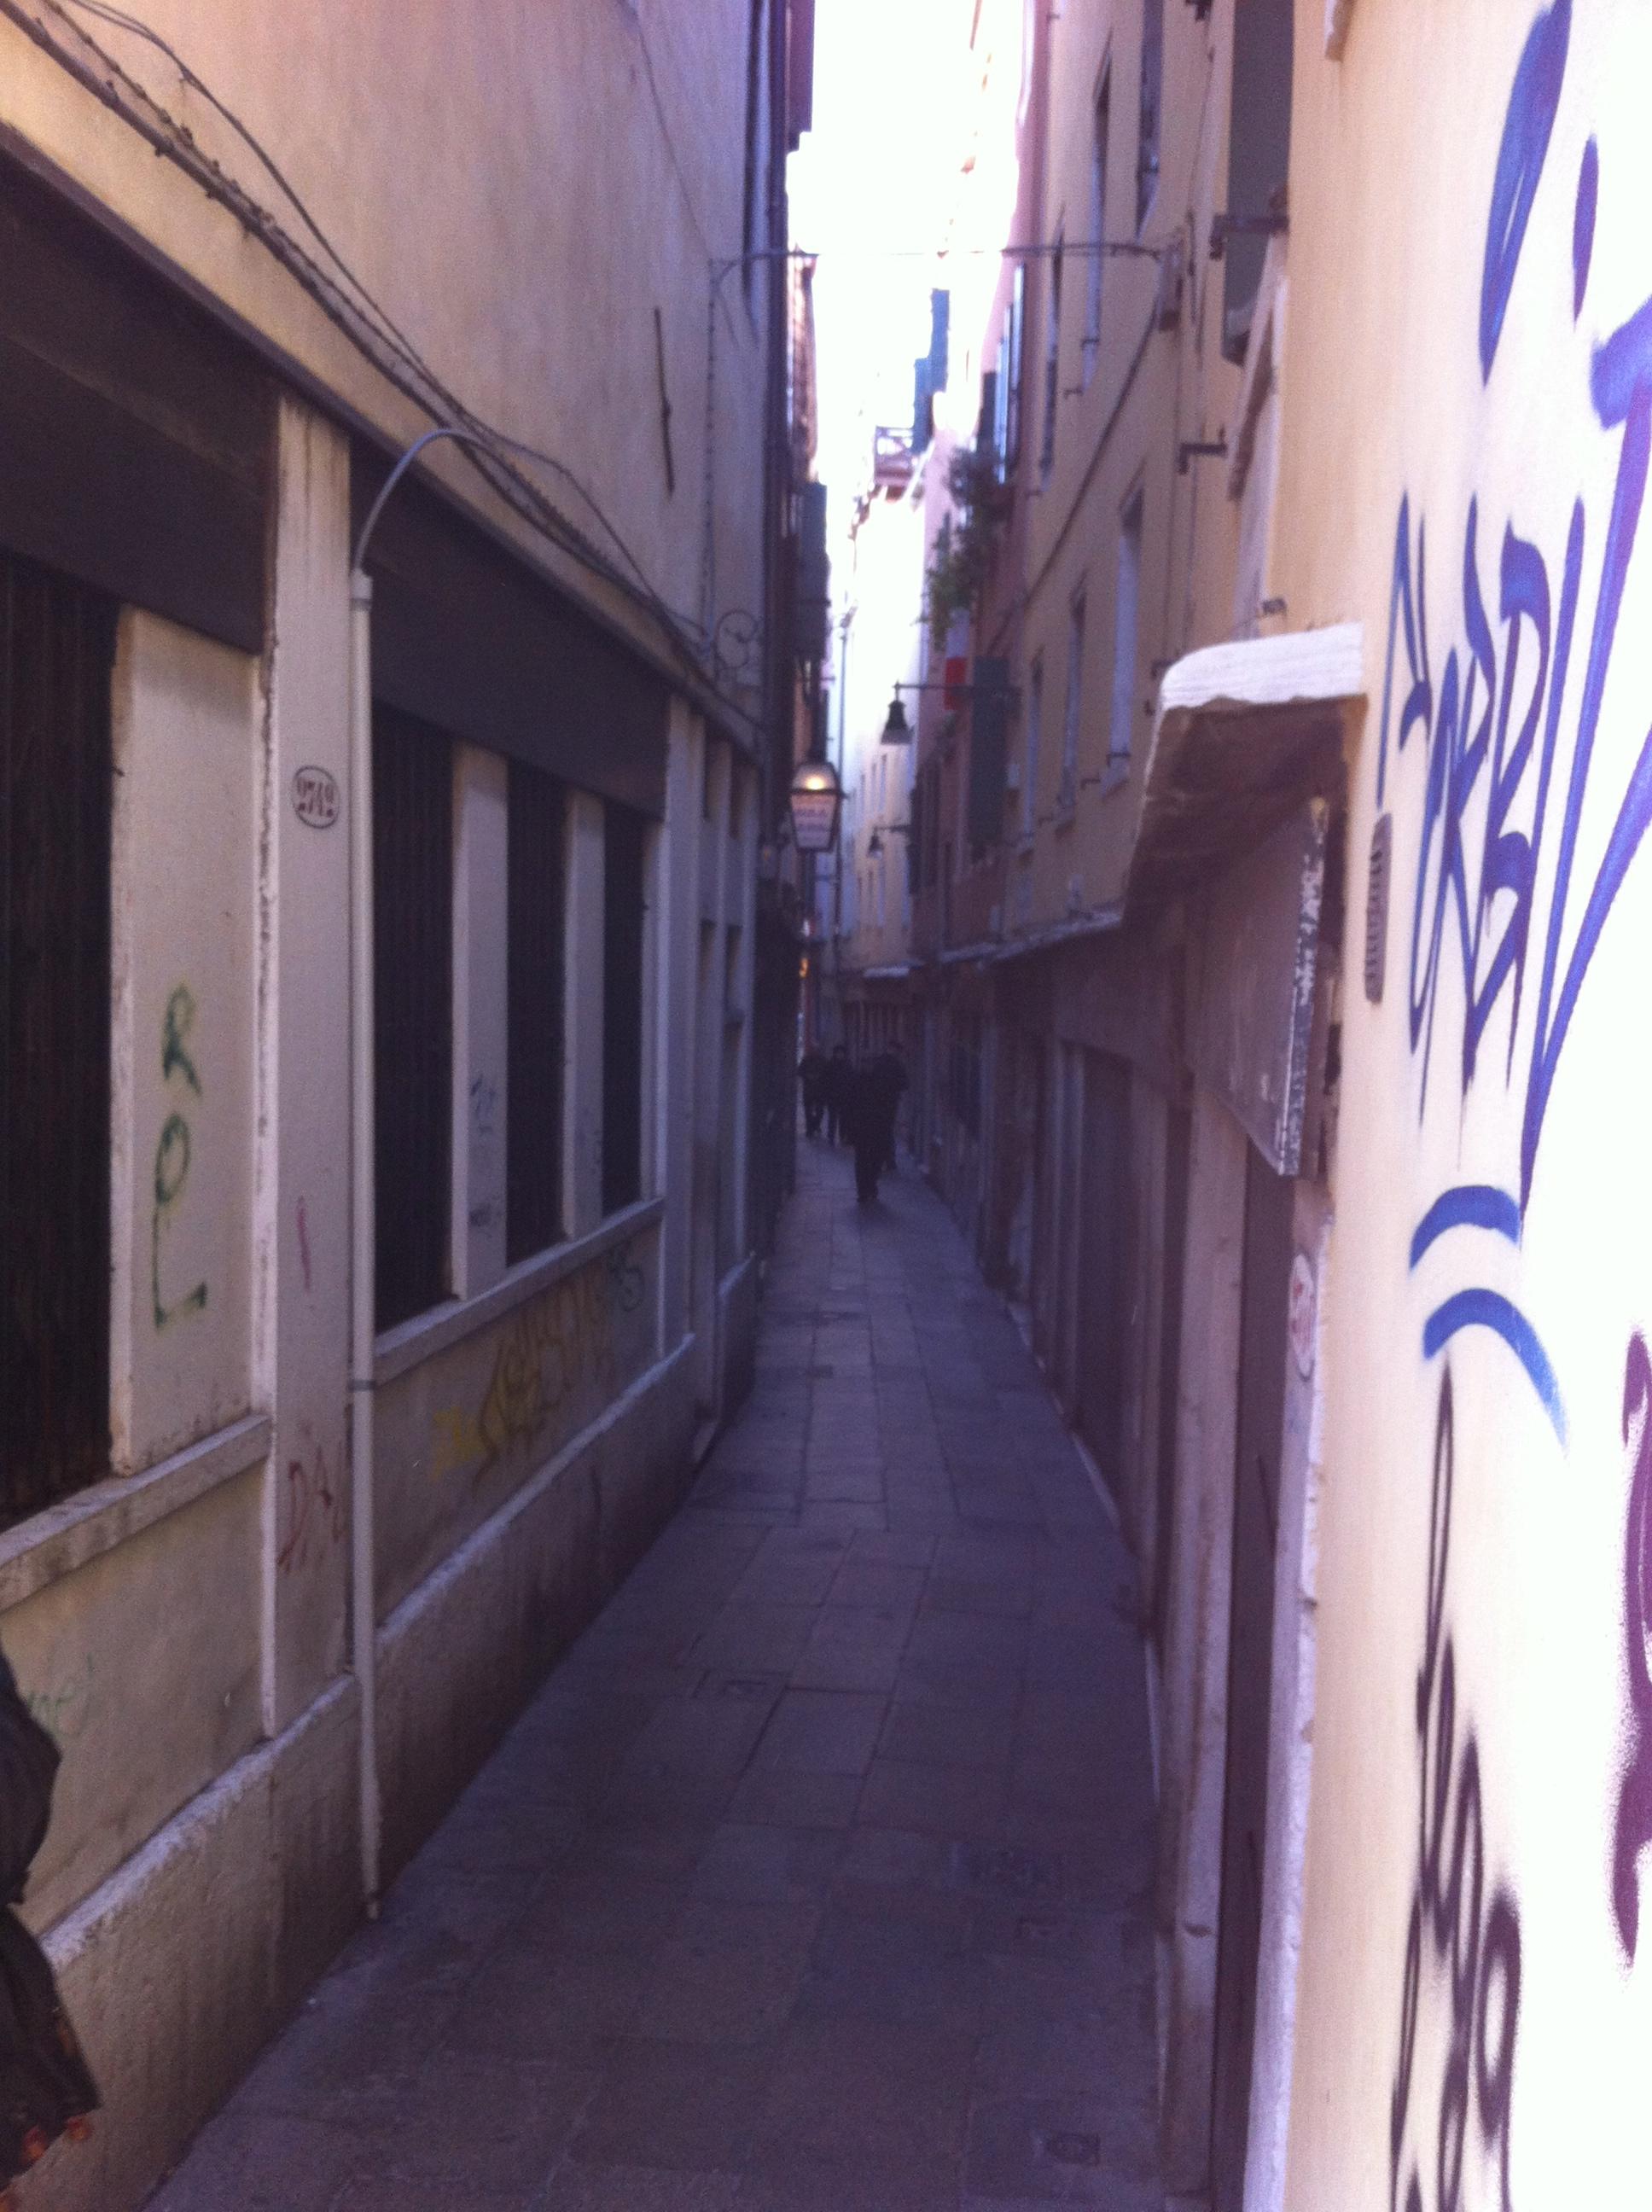 Lots of little alleys